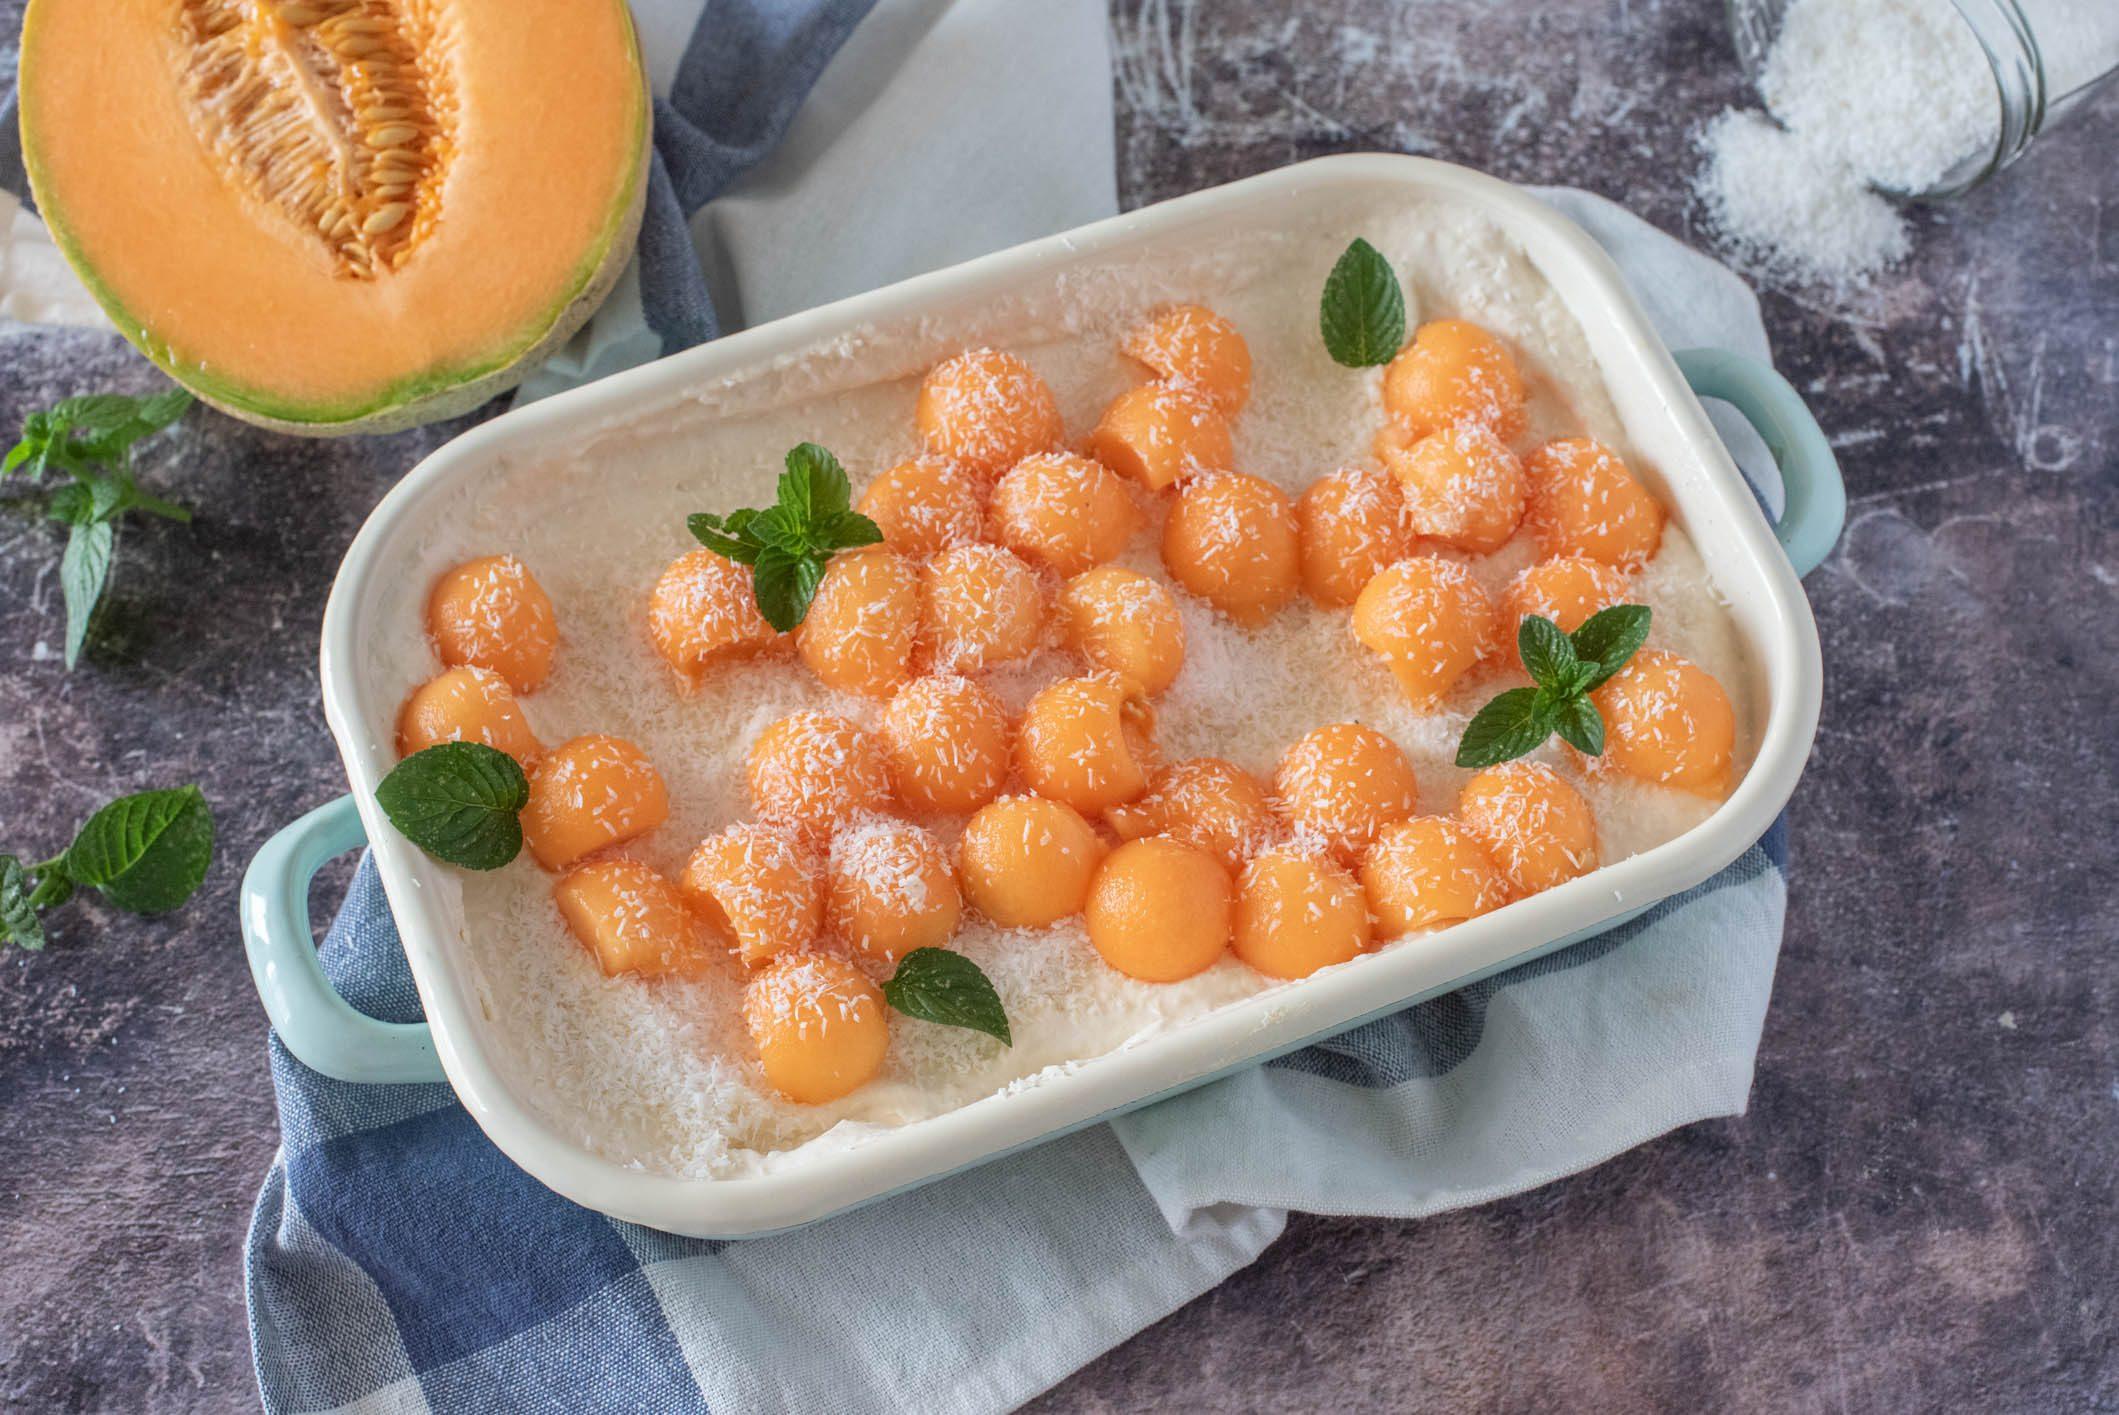 Semifreddo al melone con biscotti: la ricetta del dessert fresco e super cremoso